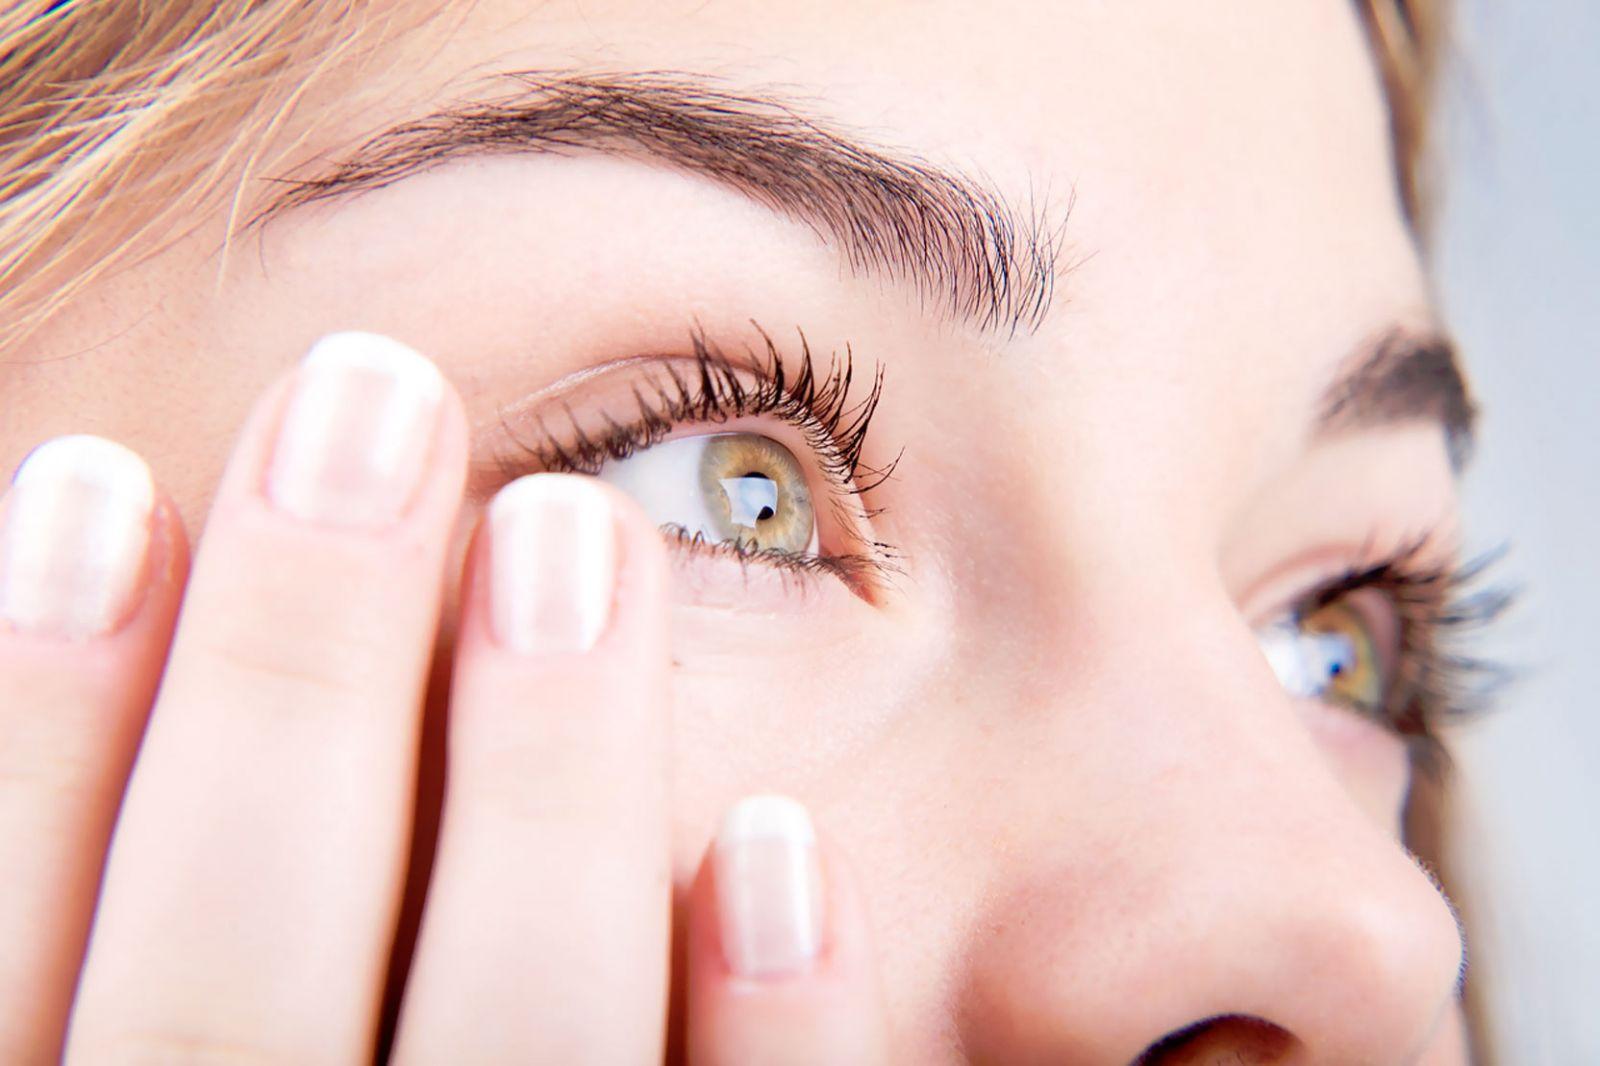 Аллергический конъюнктивит: или как избавиться от зуда и слёз